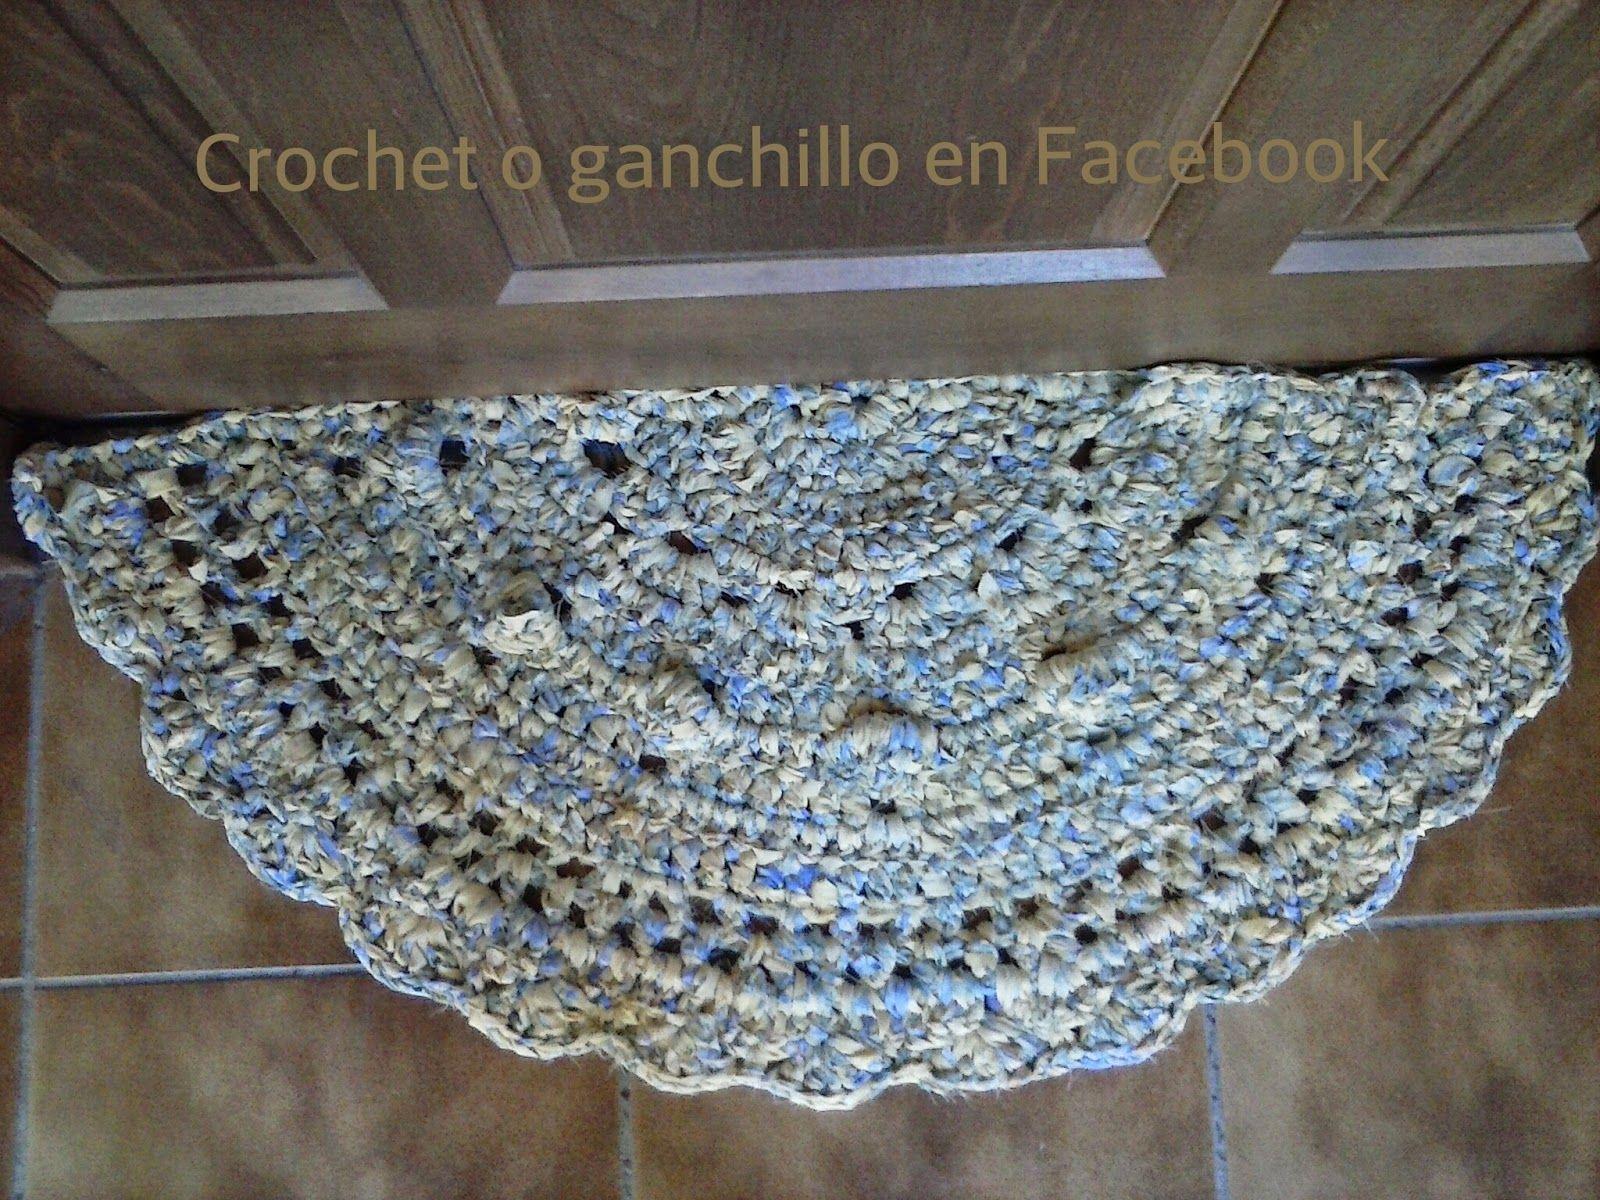 Crochet o ganchillo alfombra de trapillo media luna - Alfombras ganchillo trapillo ...